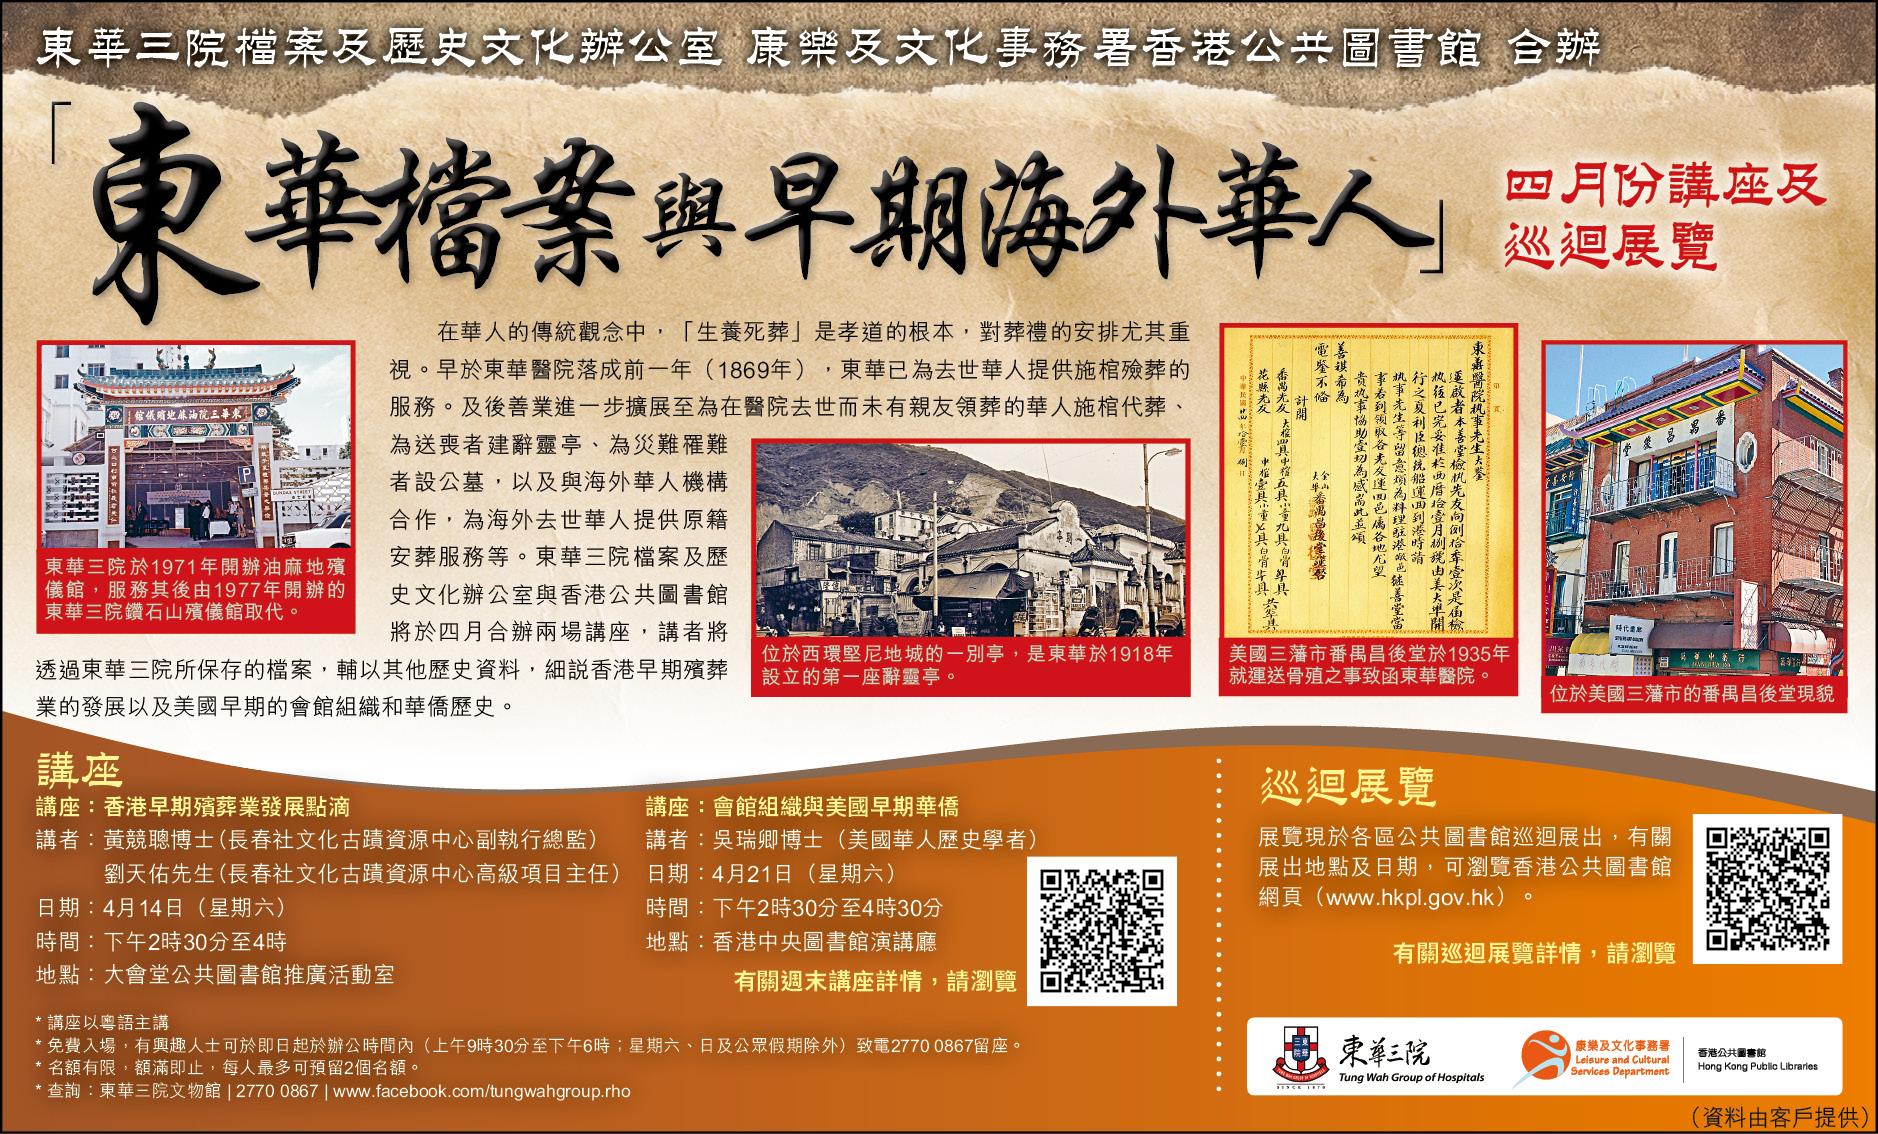 「东华档案与早期海外华人」讲座及巡回展览 - 头条日报广告稿 (2018.3.27)